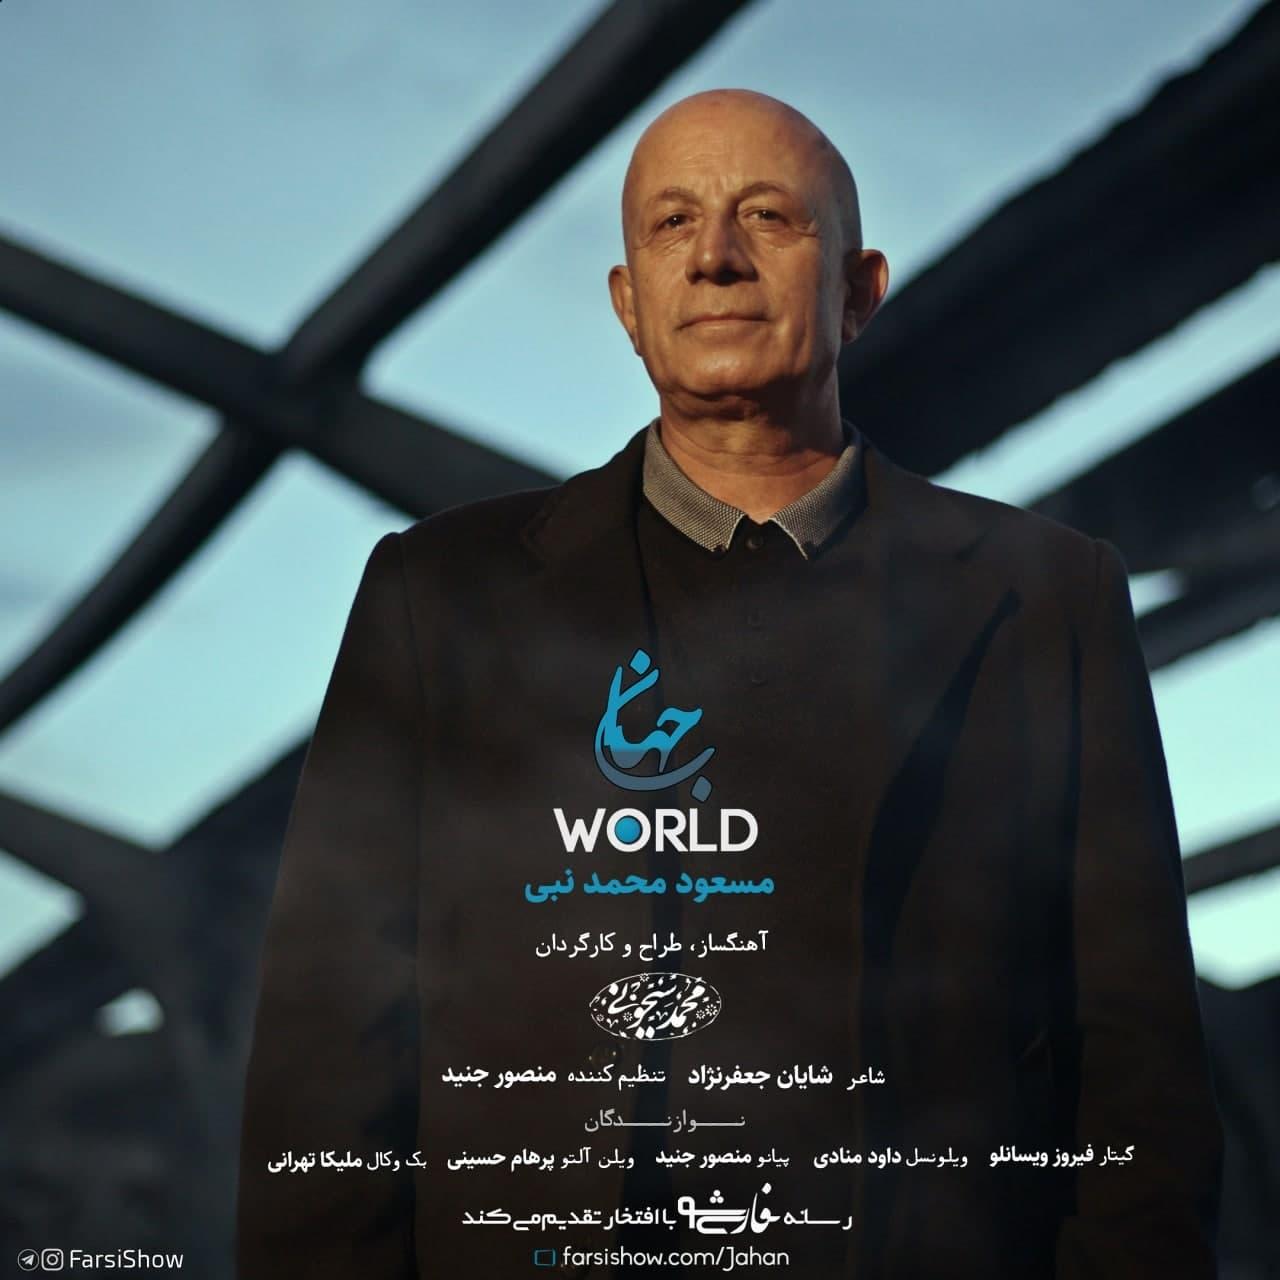 مسعود محمد نبی - جهان